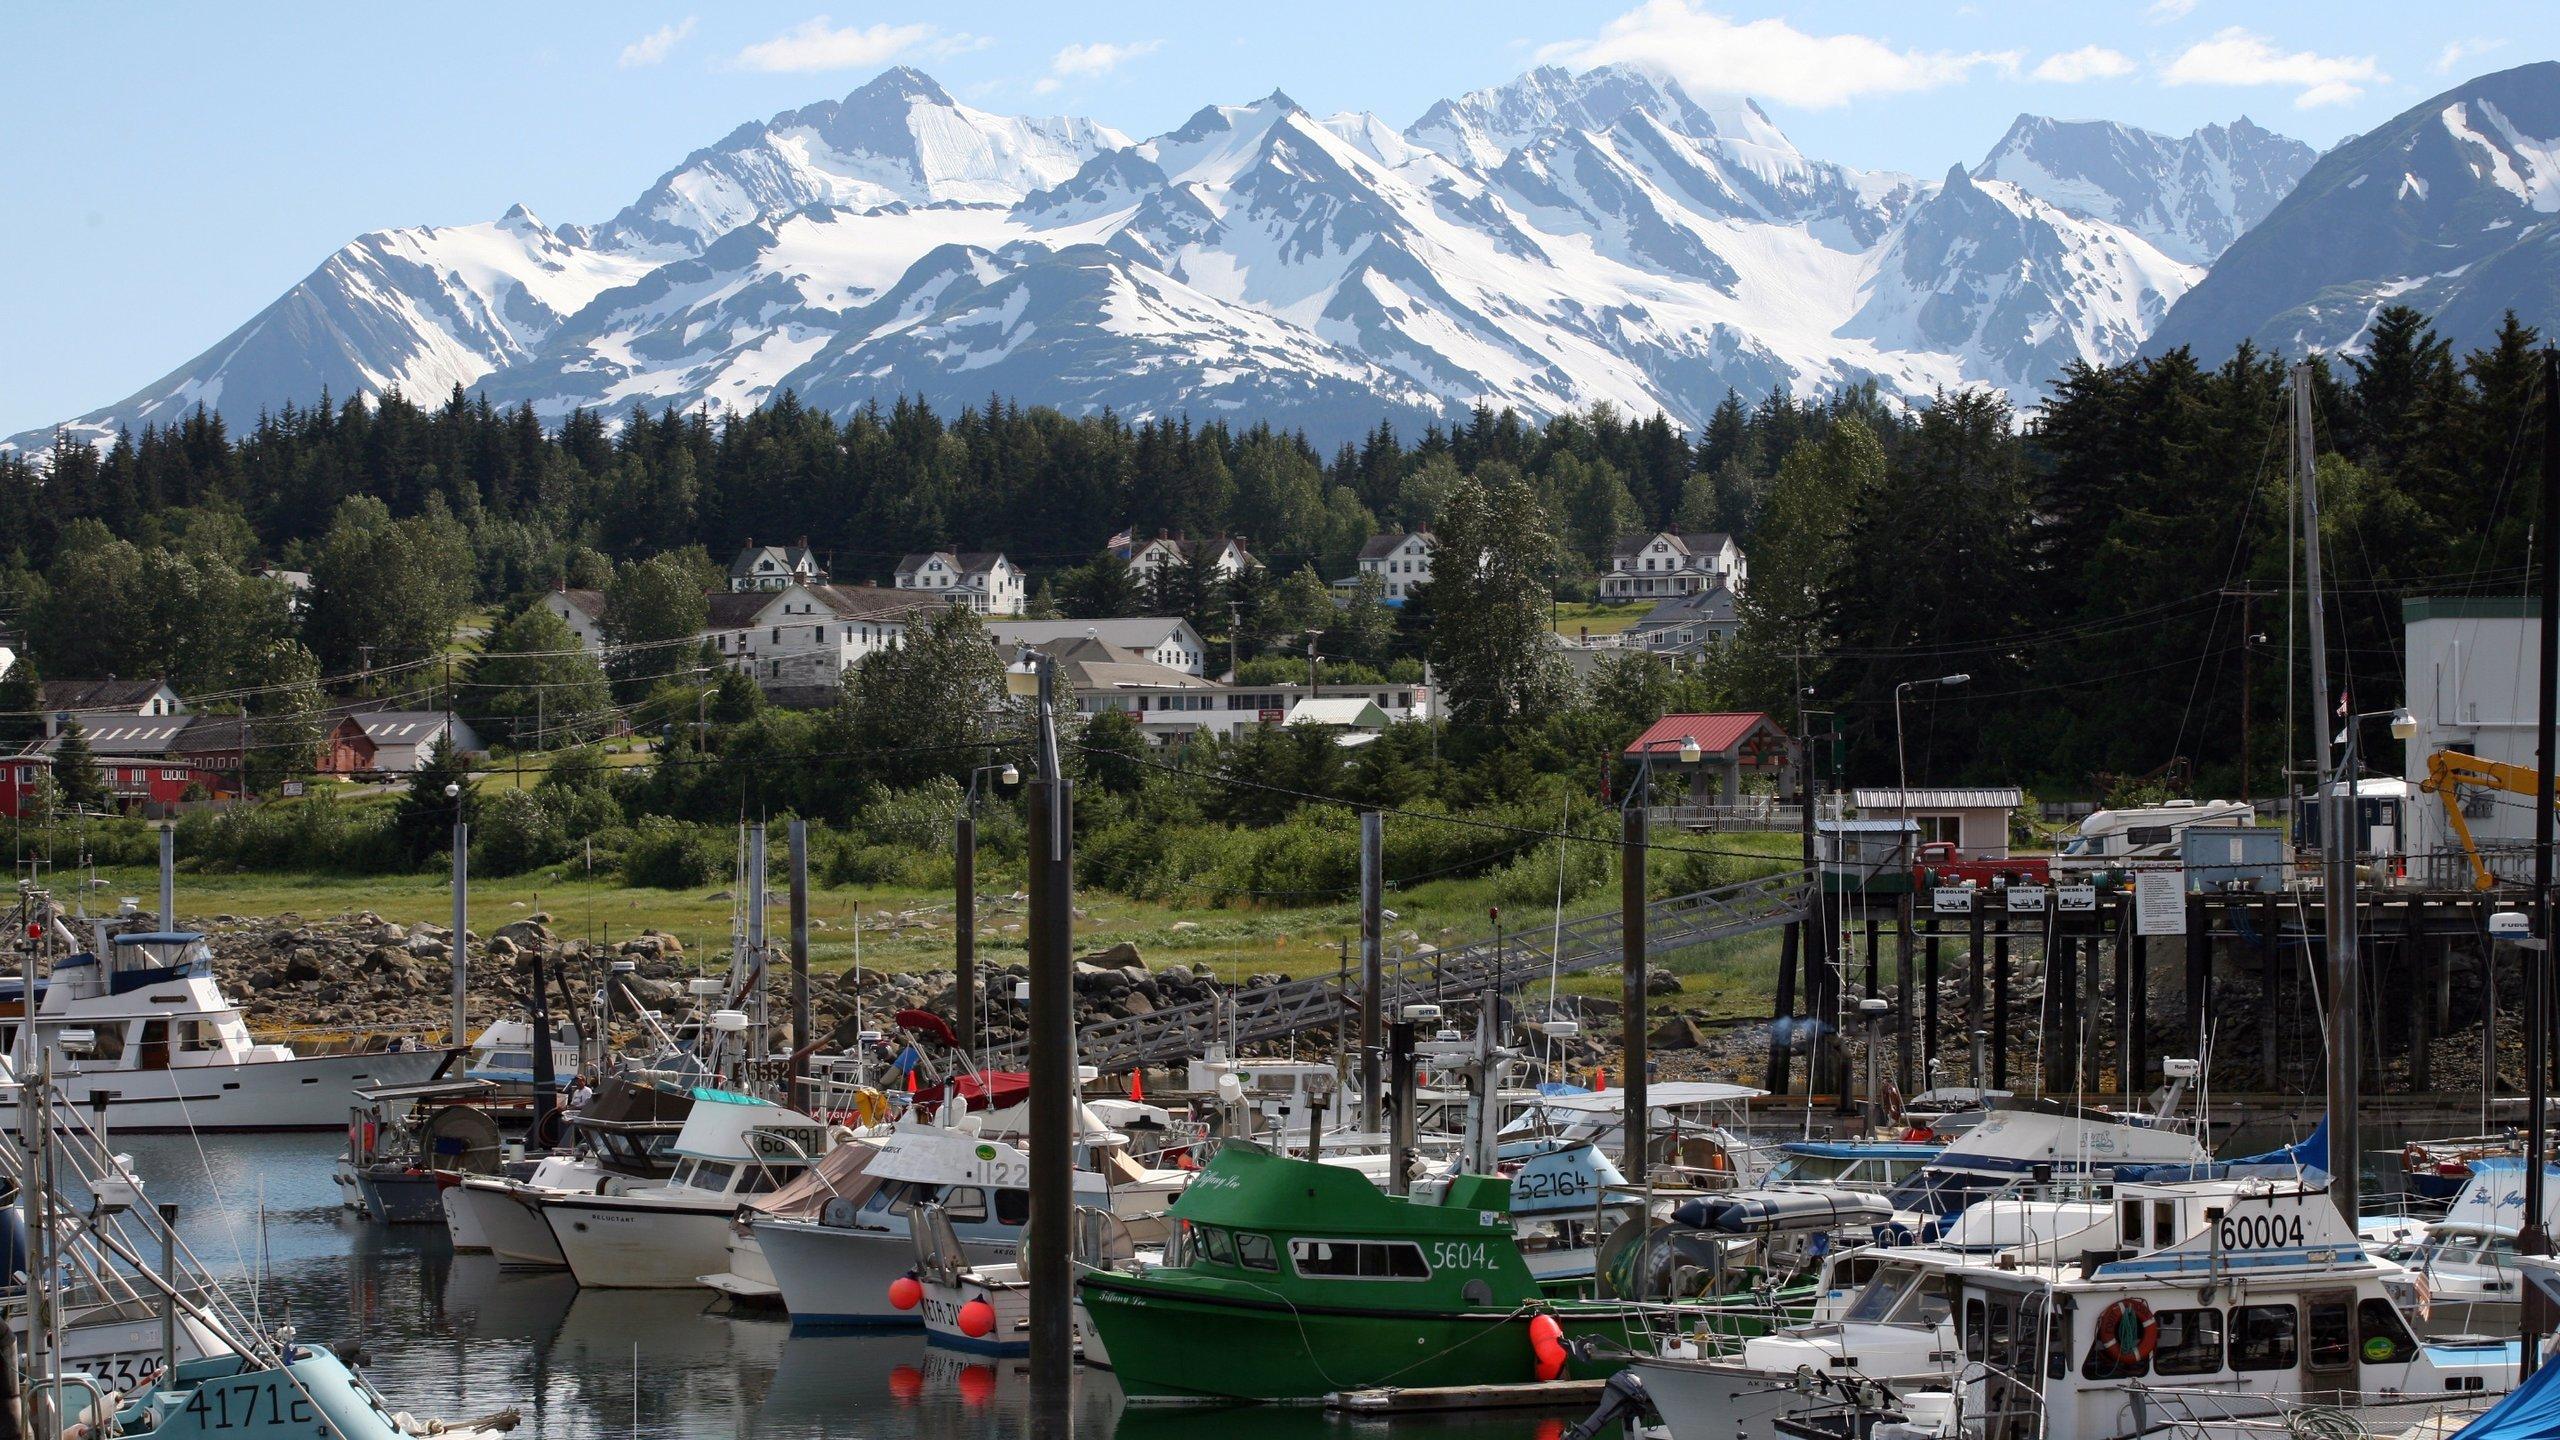 Haines, Alaska, United States of America